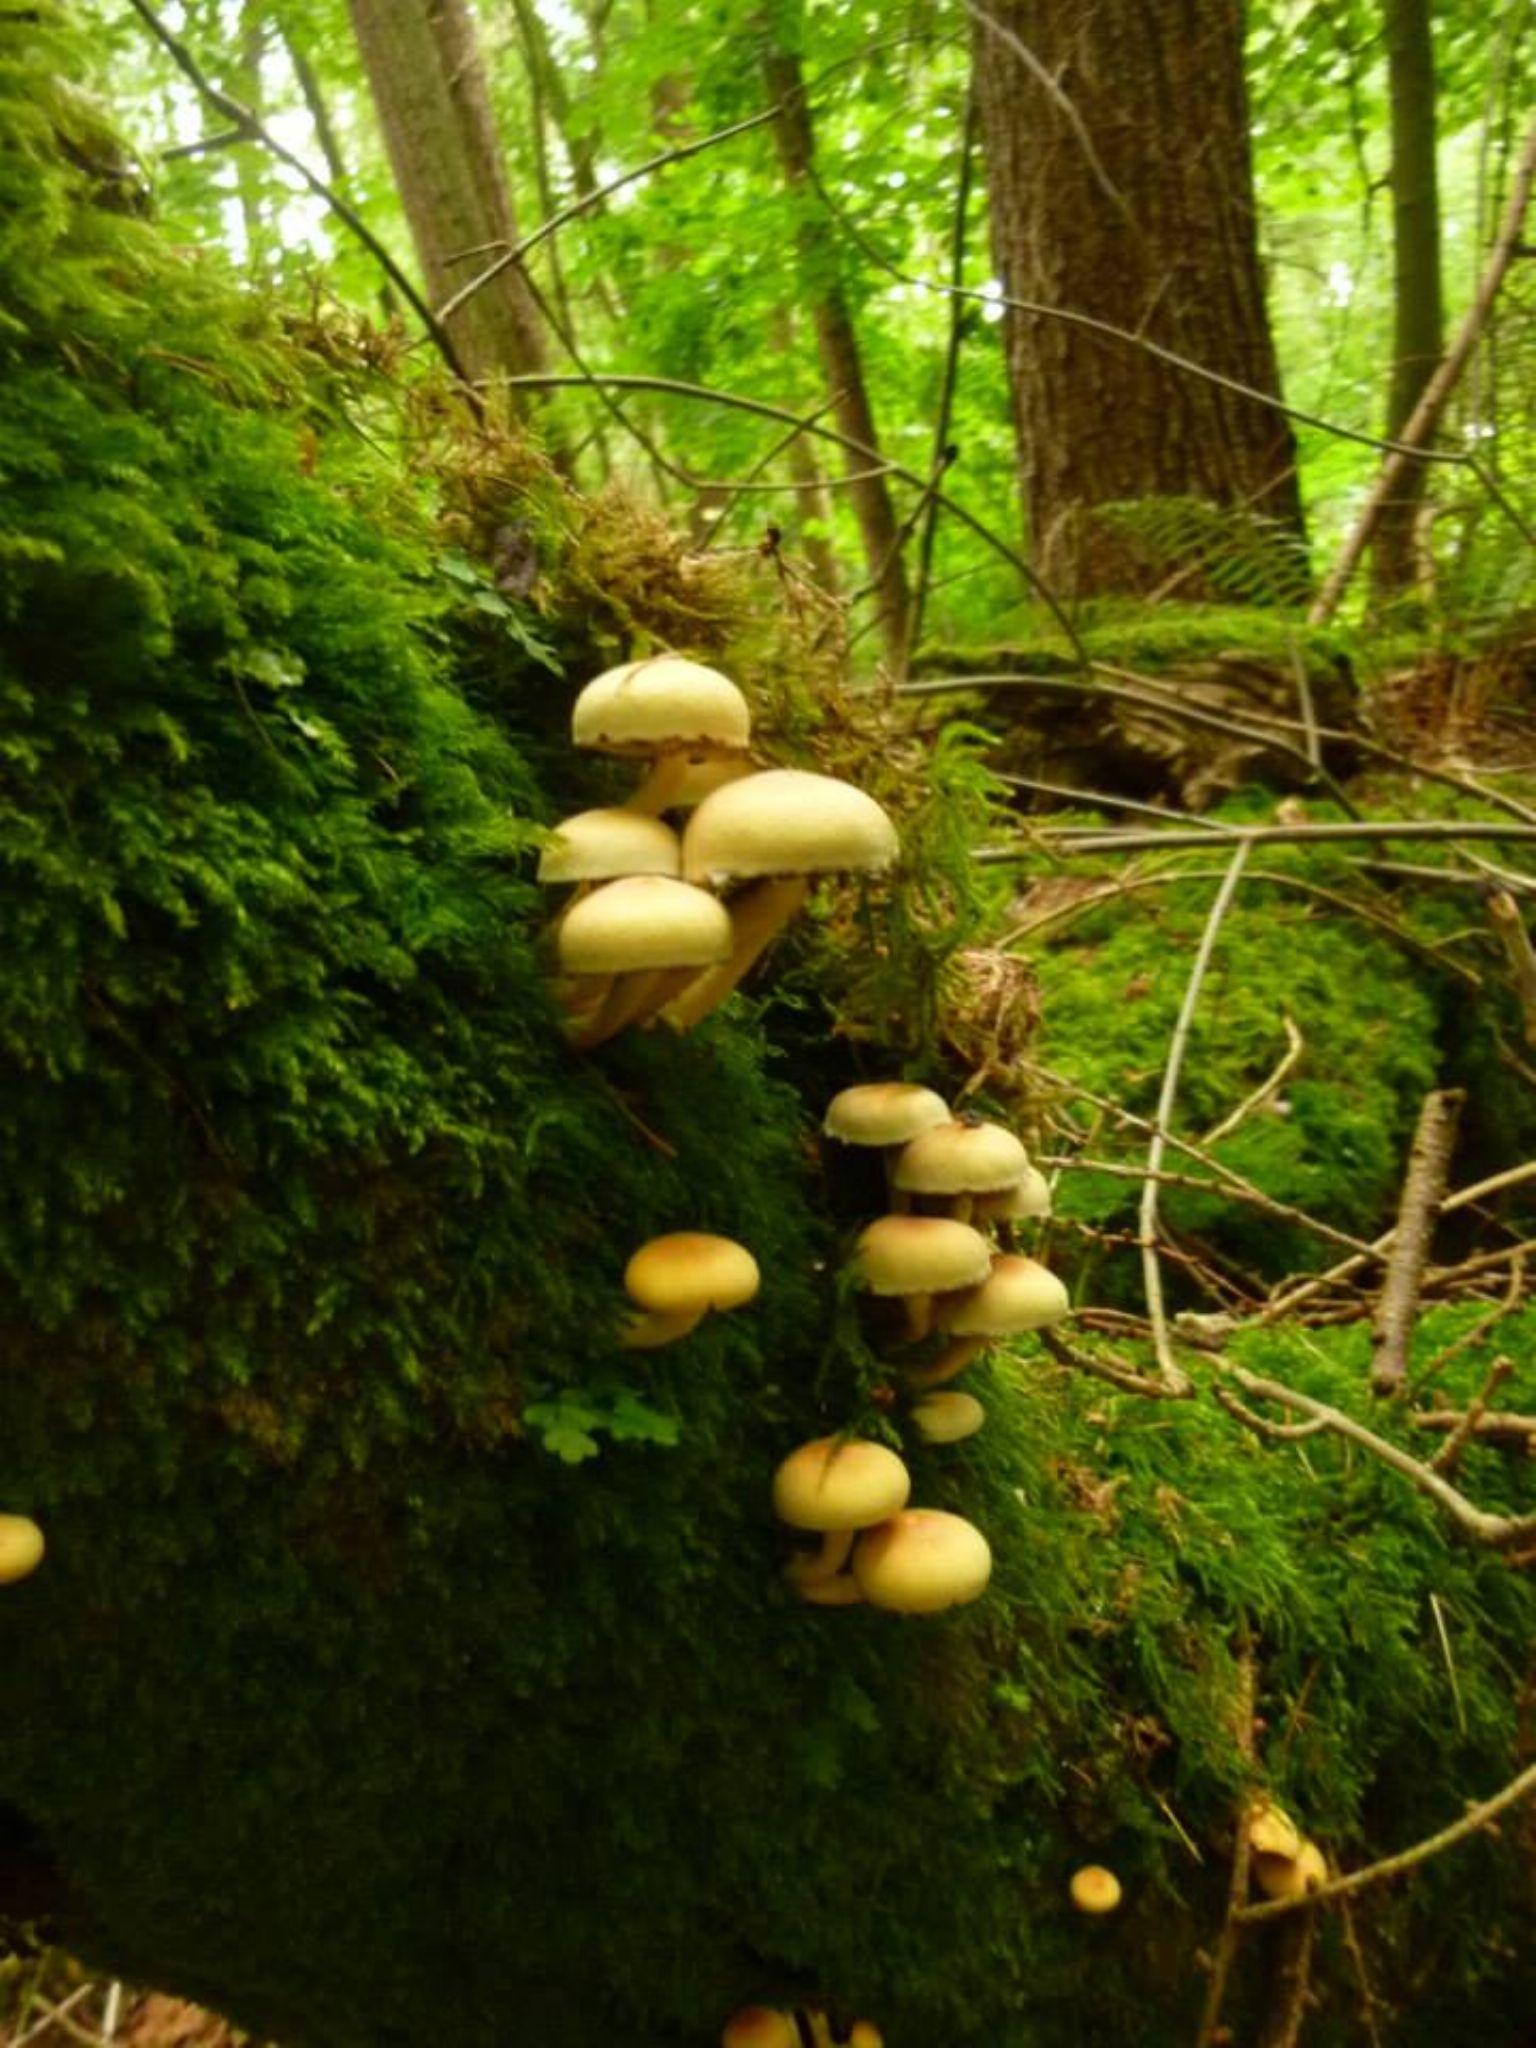 fungi by chris.adams.3557